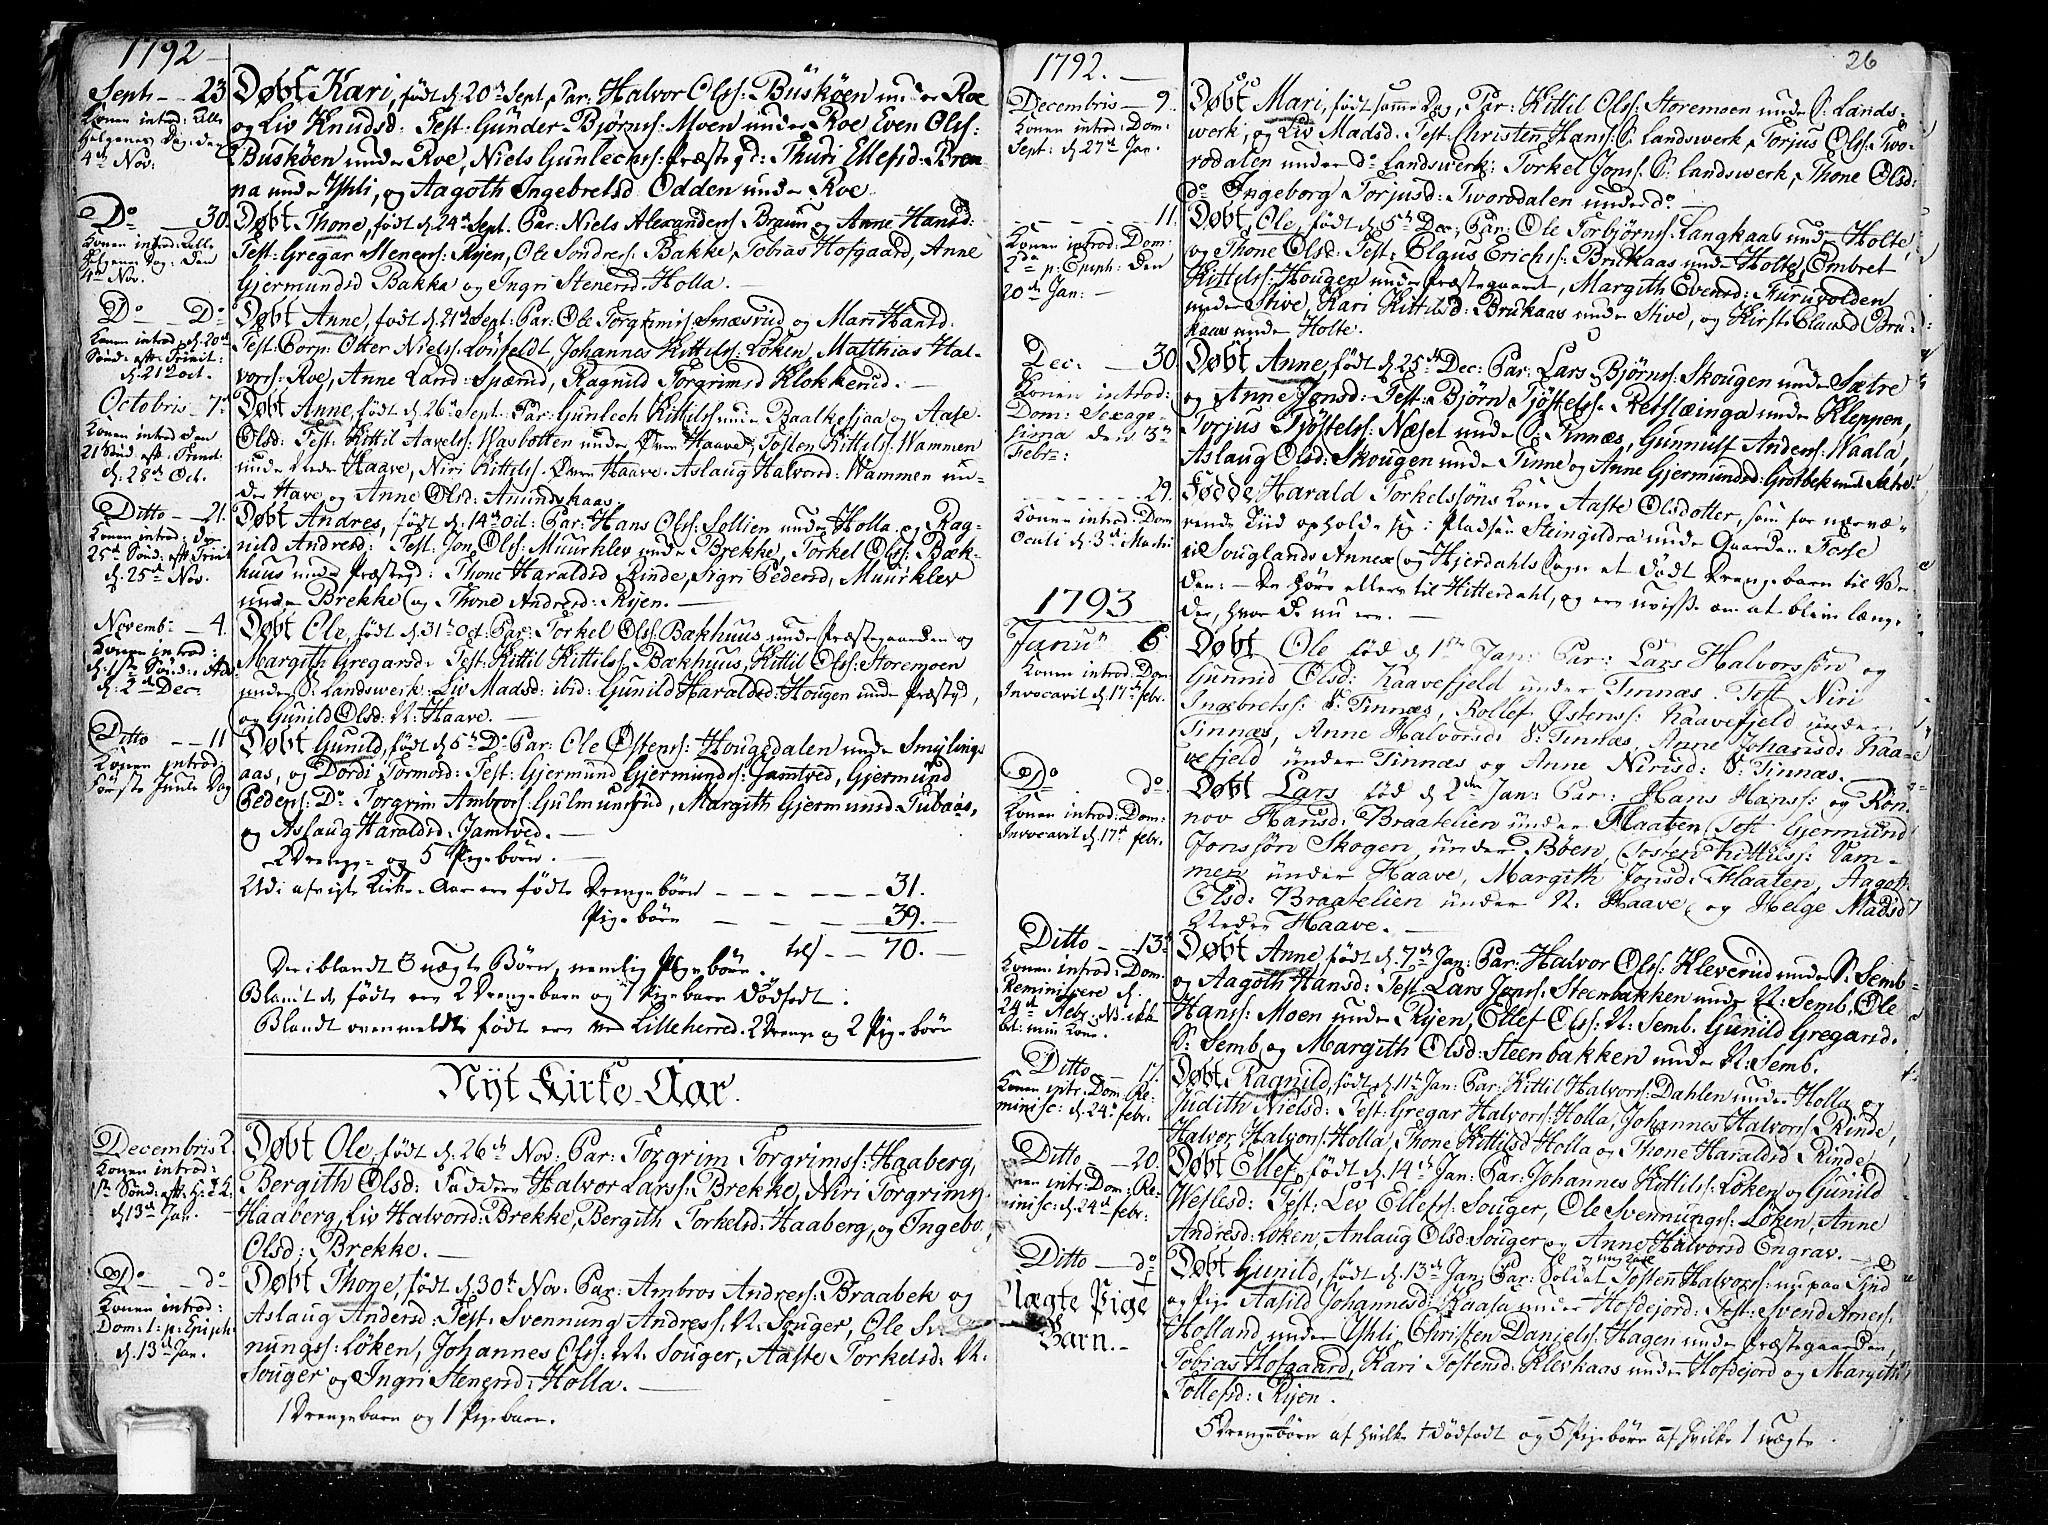 SAKO, Heddal kirkebøker, F/Fa/L0004: Ministerialbok nr. I 4, 1784-1814, s. 26